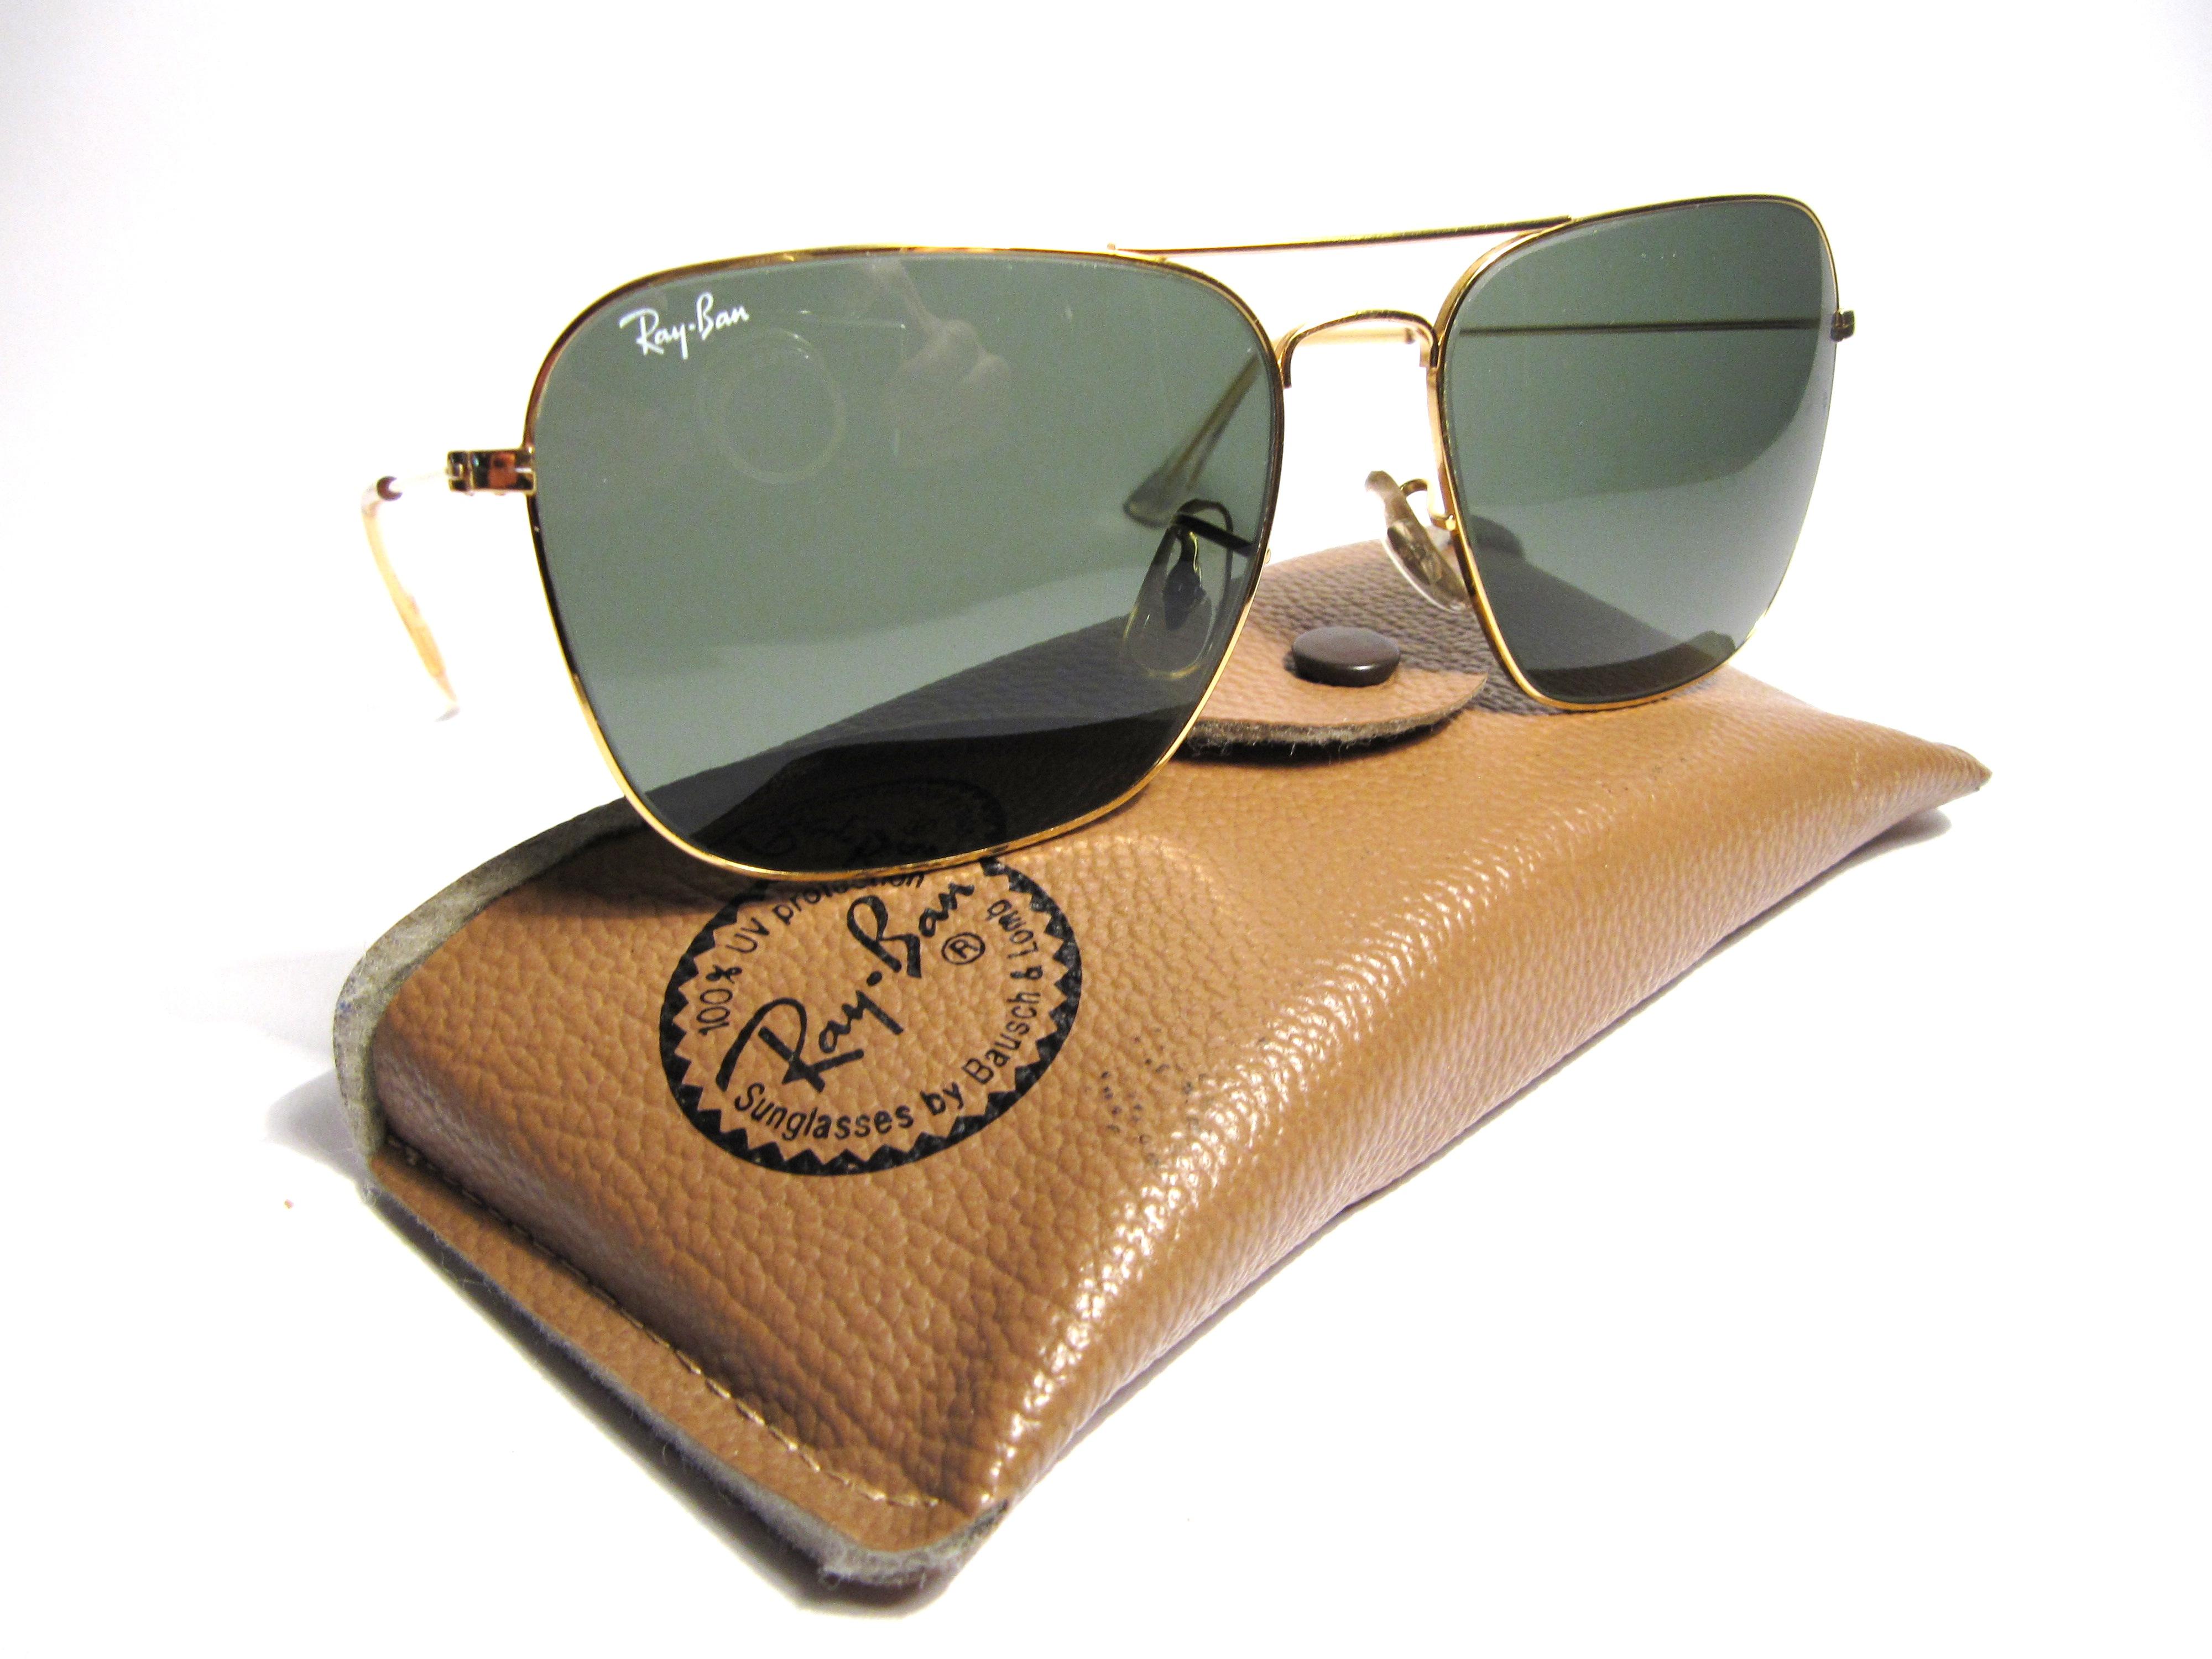 Luxury vintage Sunglasses Details of ray ban caravan sabre